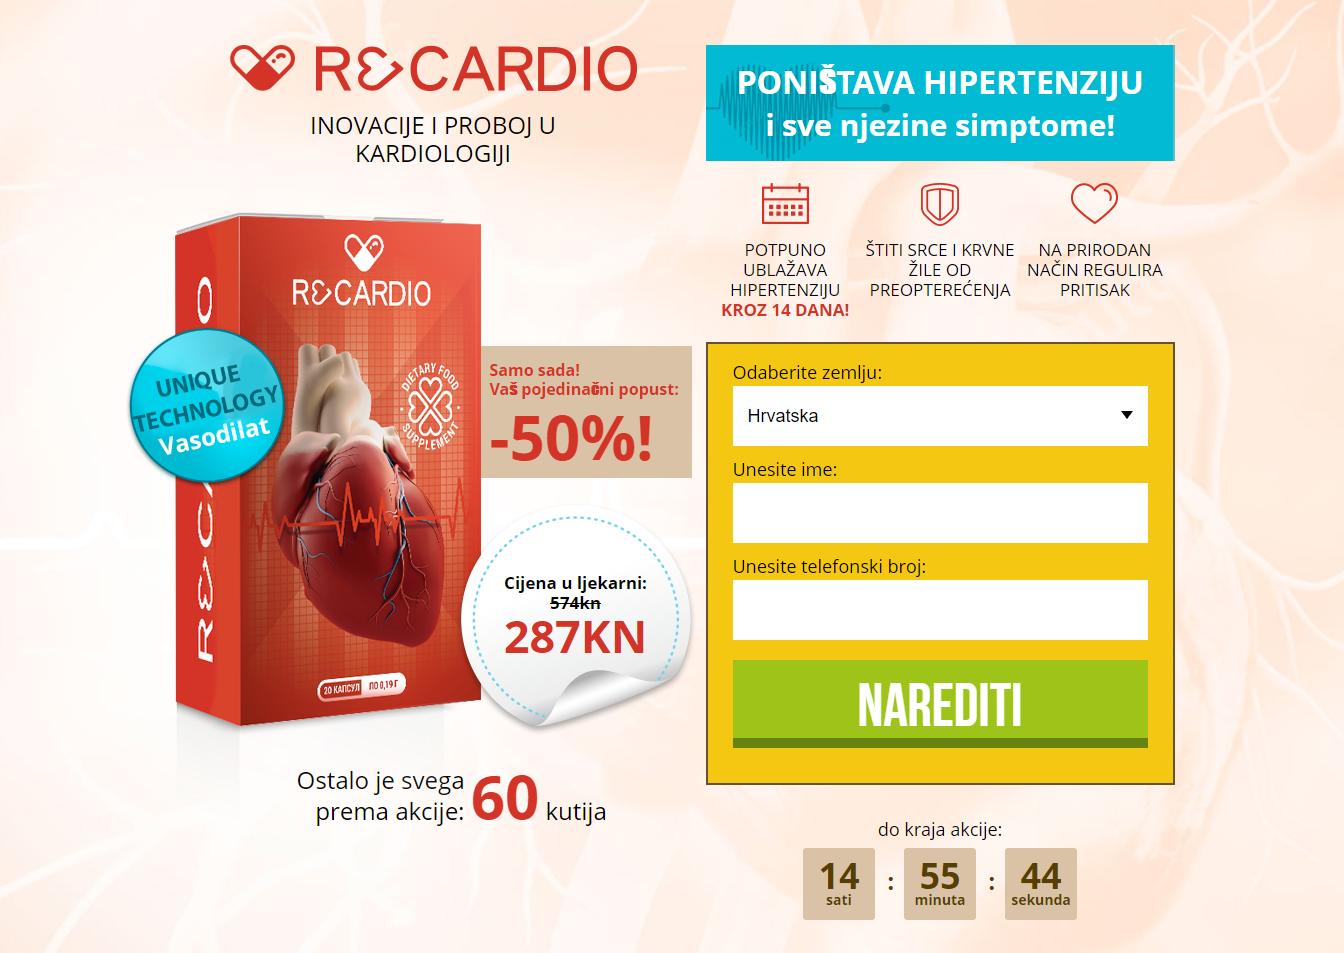 lijek za visoki krvni tlak, kao što su